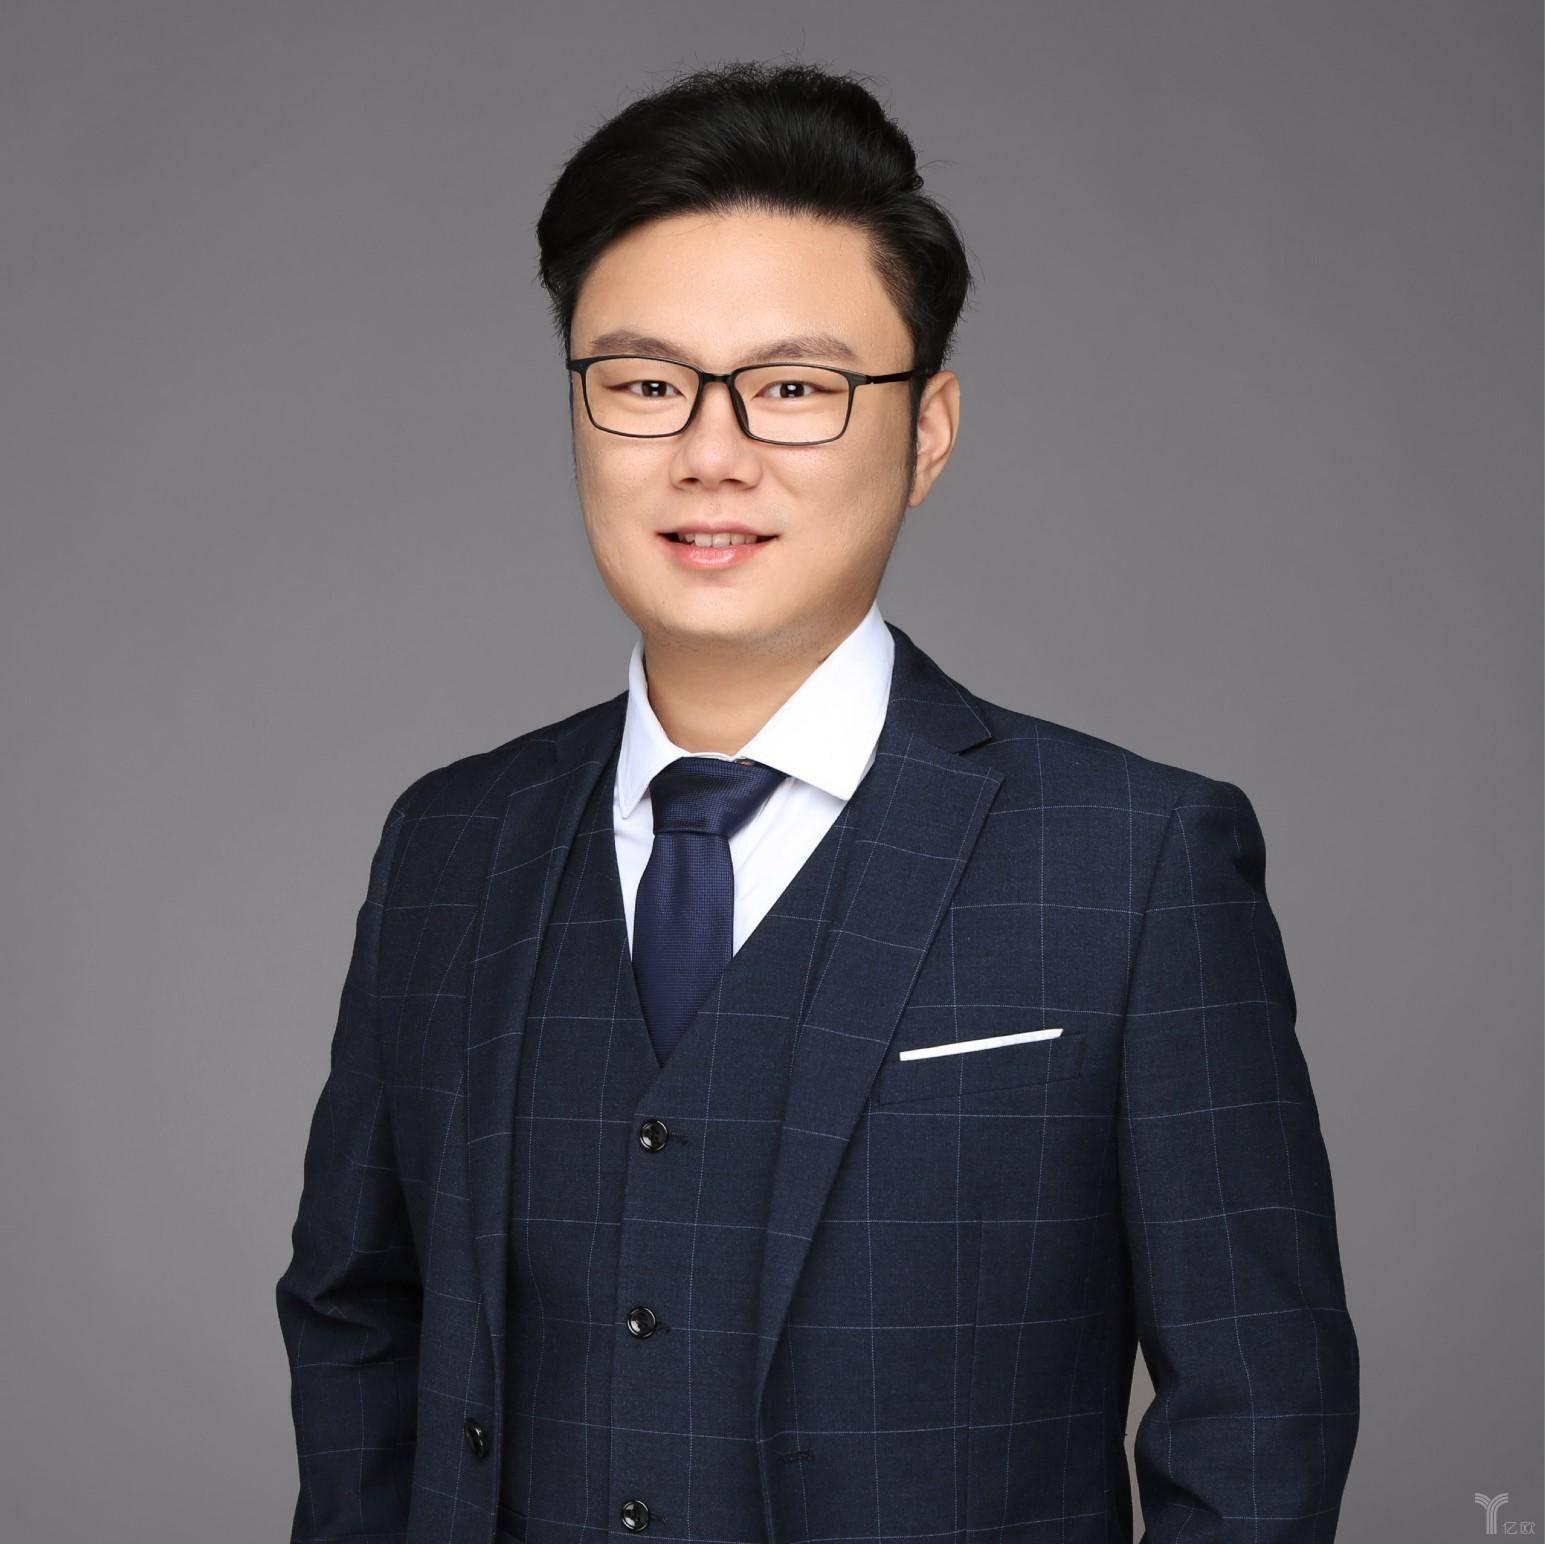 王盛泽, 蚂蚁金服智能科技的高级分析师、市场研究负责人.jpg